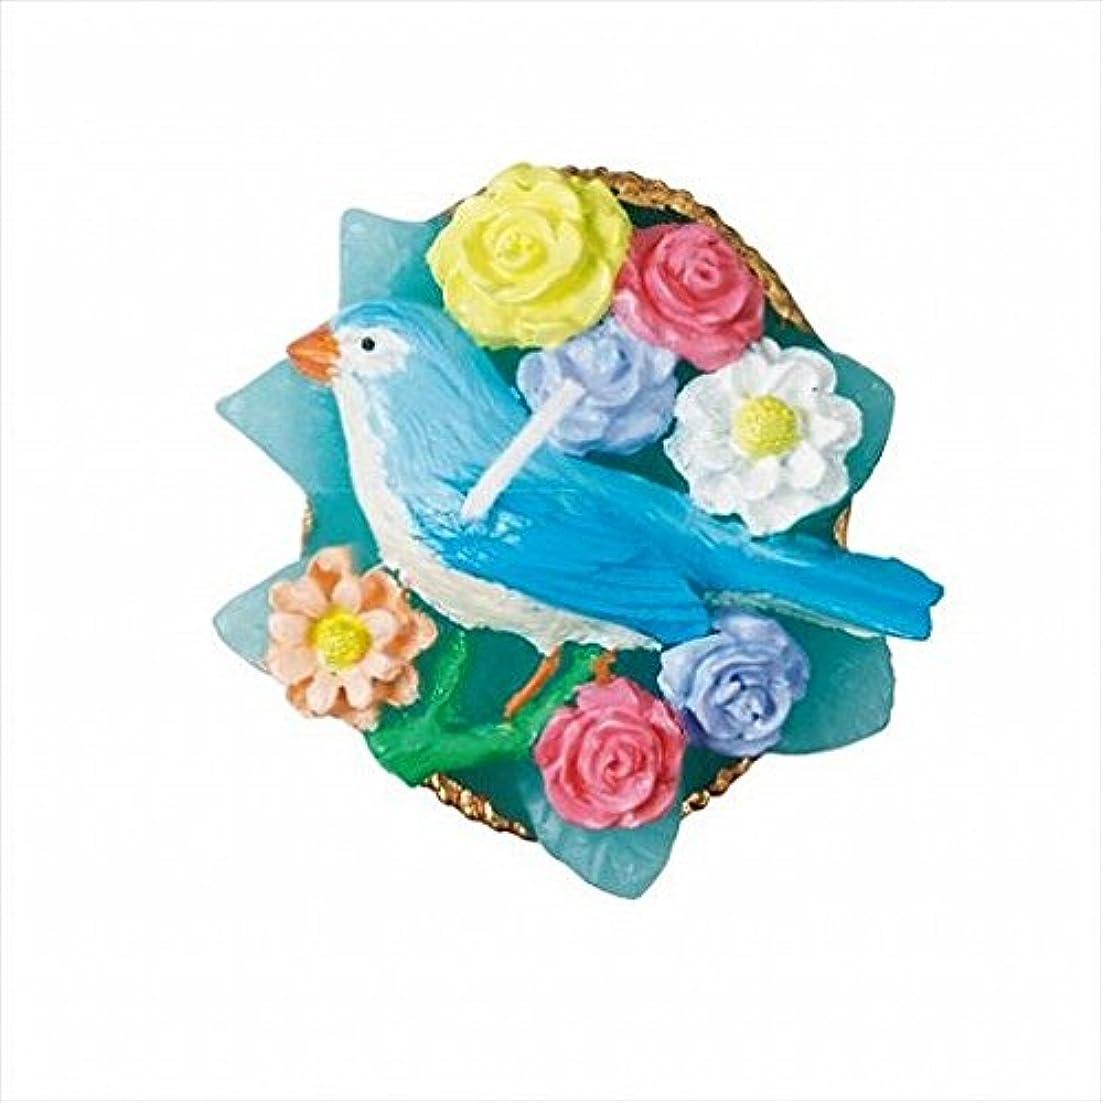 はちみつベアリングブランド名kameyama candle(カメヤマキャンドル) アンティークジュエリー 「 ブルーバード 」 キャンドル 48x48x25mm (A4380040)